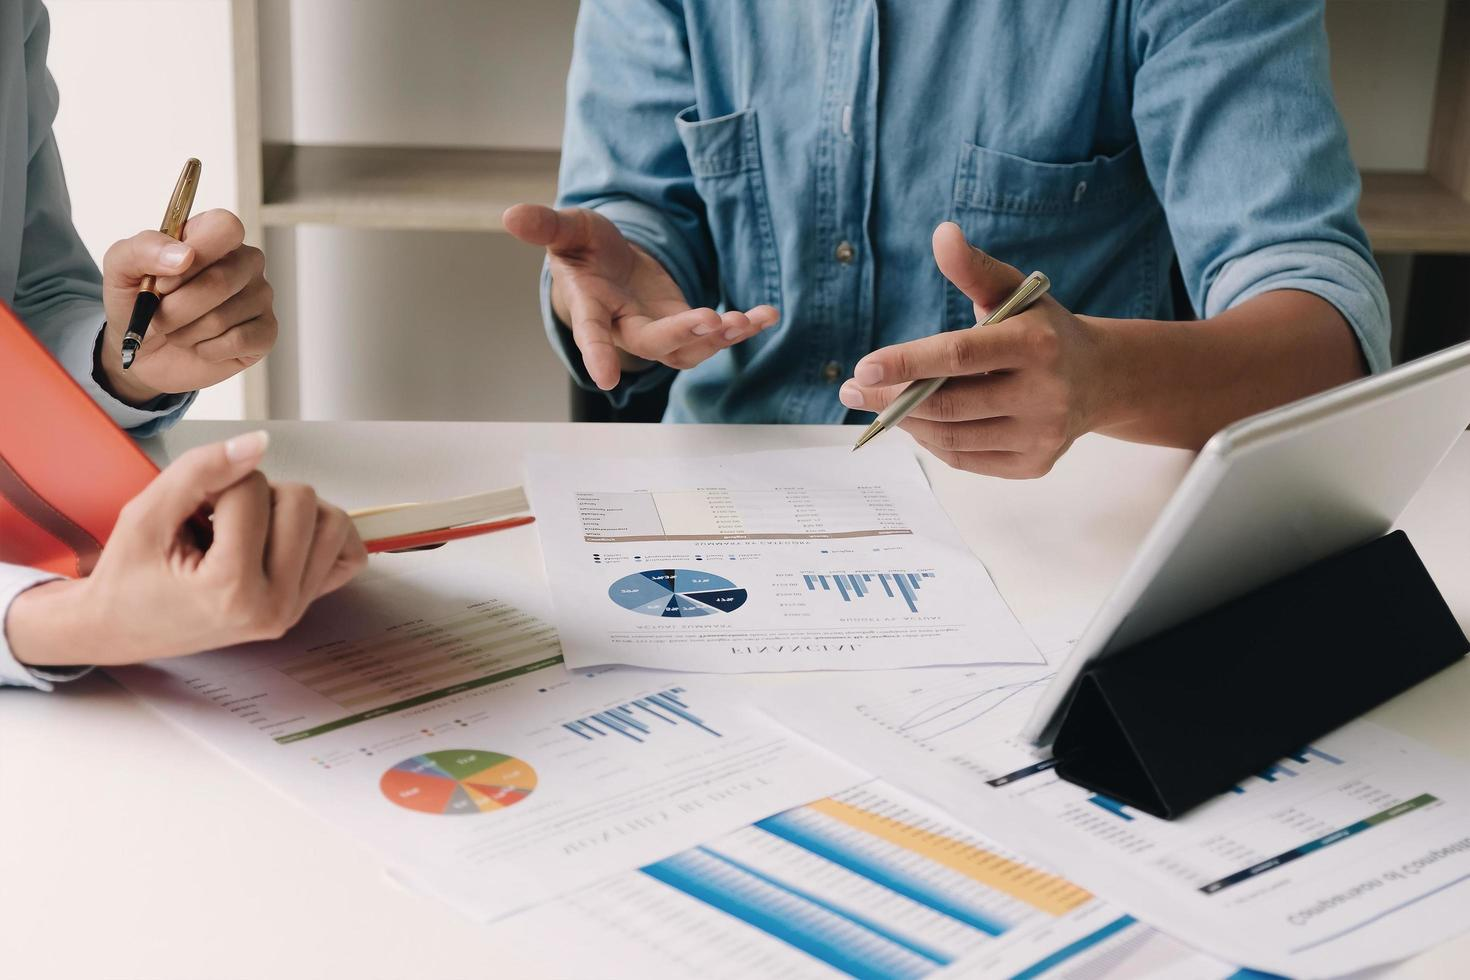 zwei Mitarbeiter diskutieren Finanzplan für Unternehmen foto